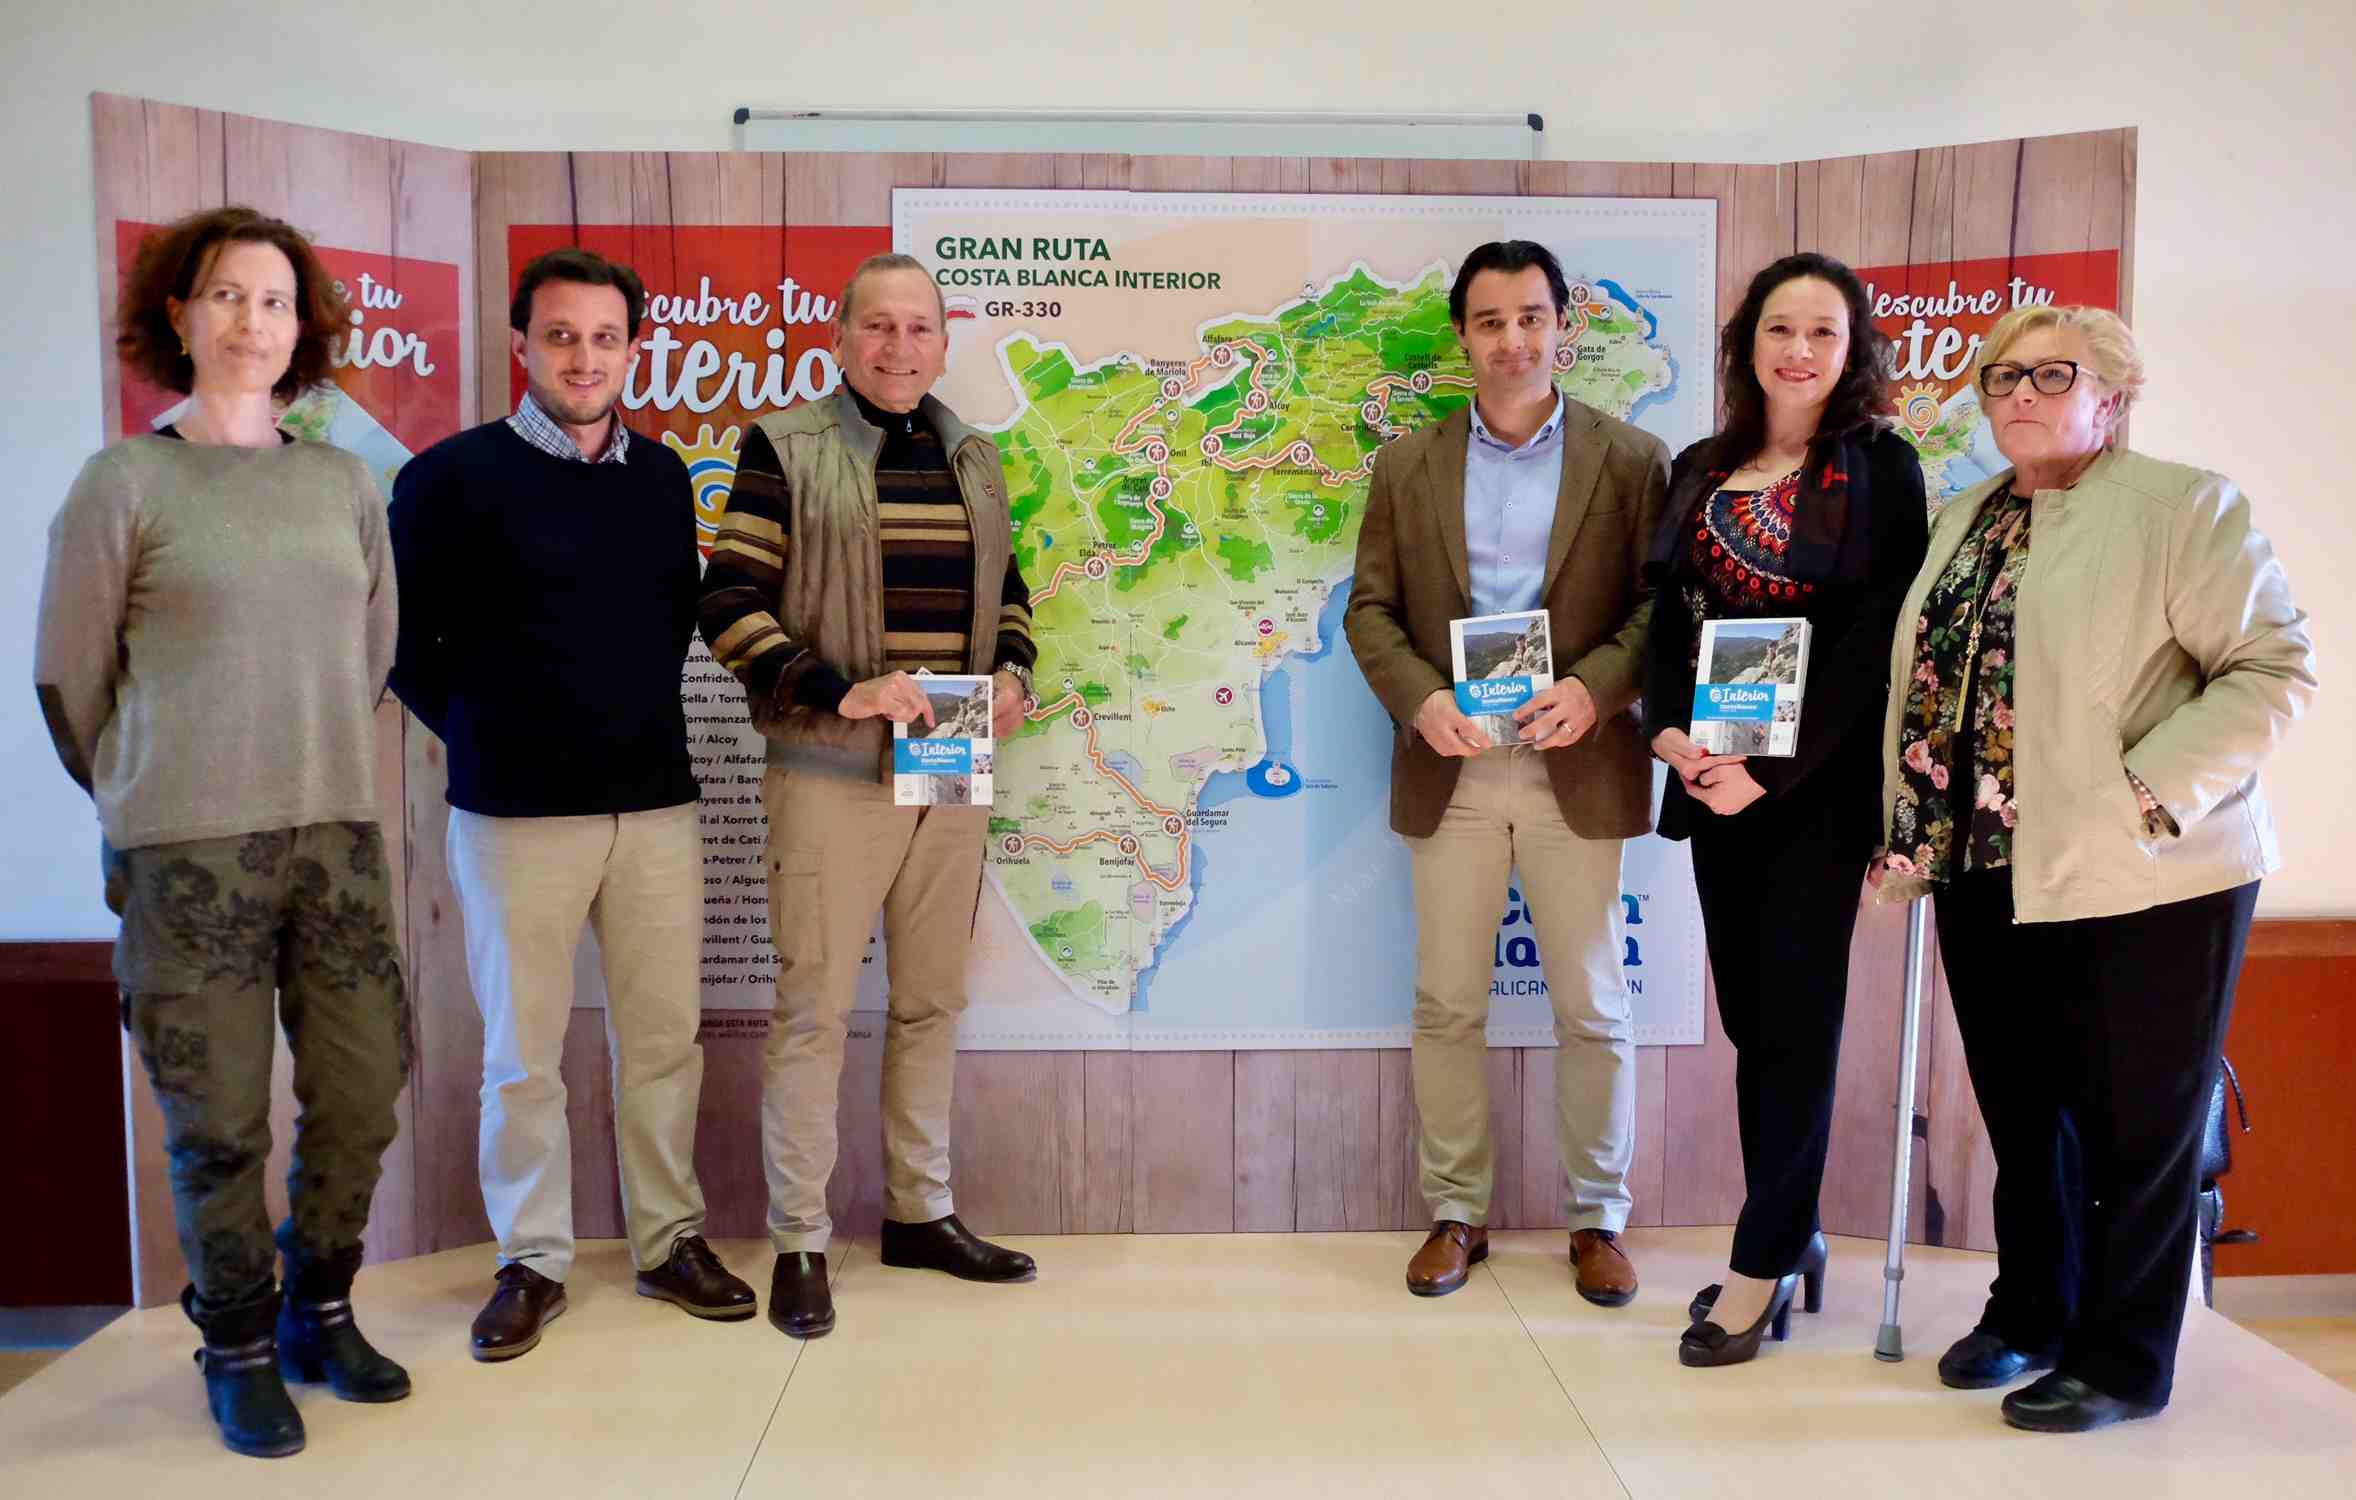 Una ruta senderista conecta las comarcas de la provincia de Alicante a lo largo de 435 kilómetros